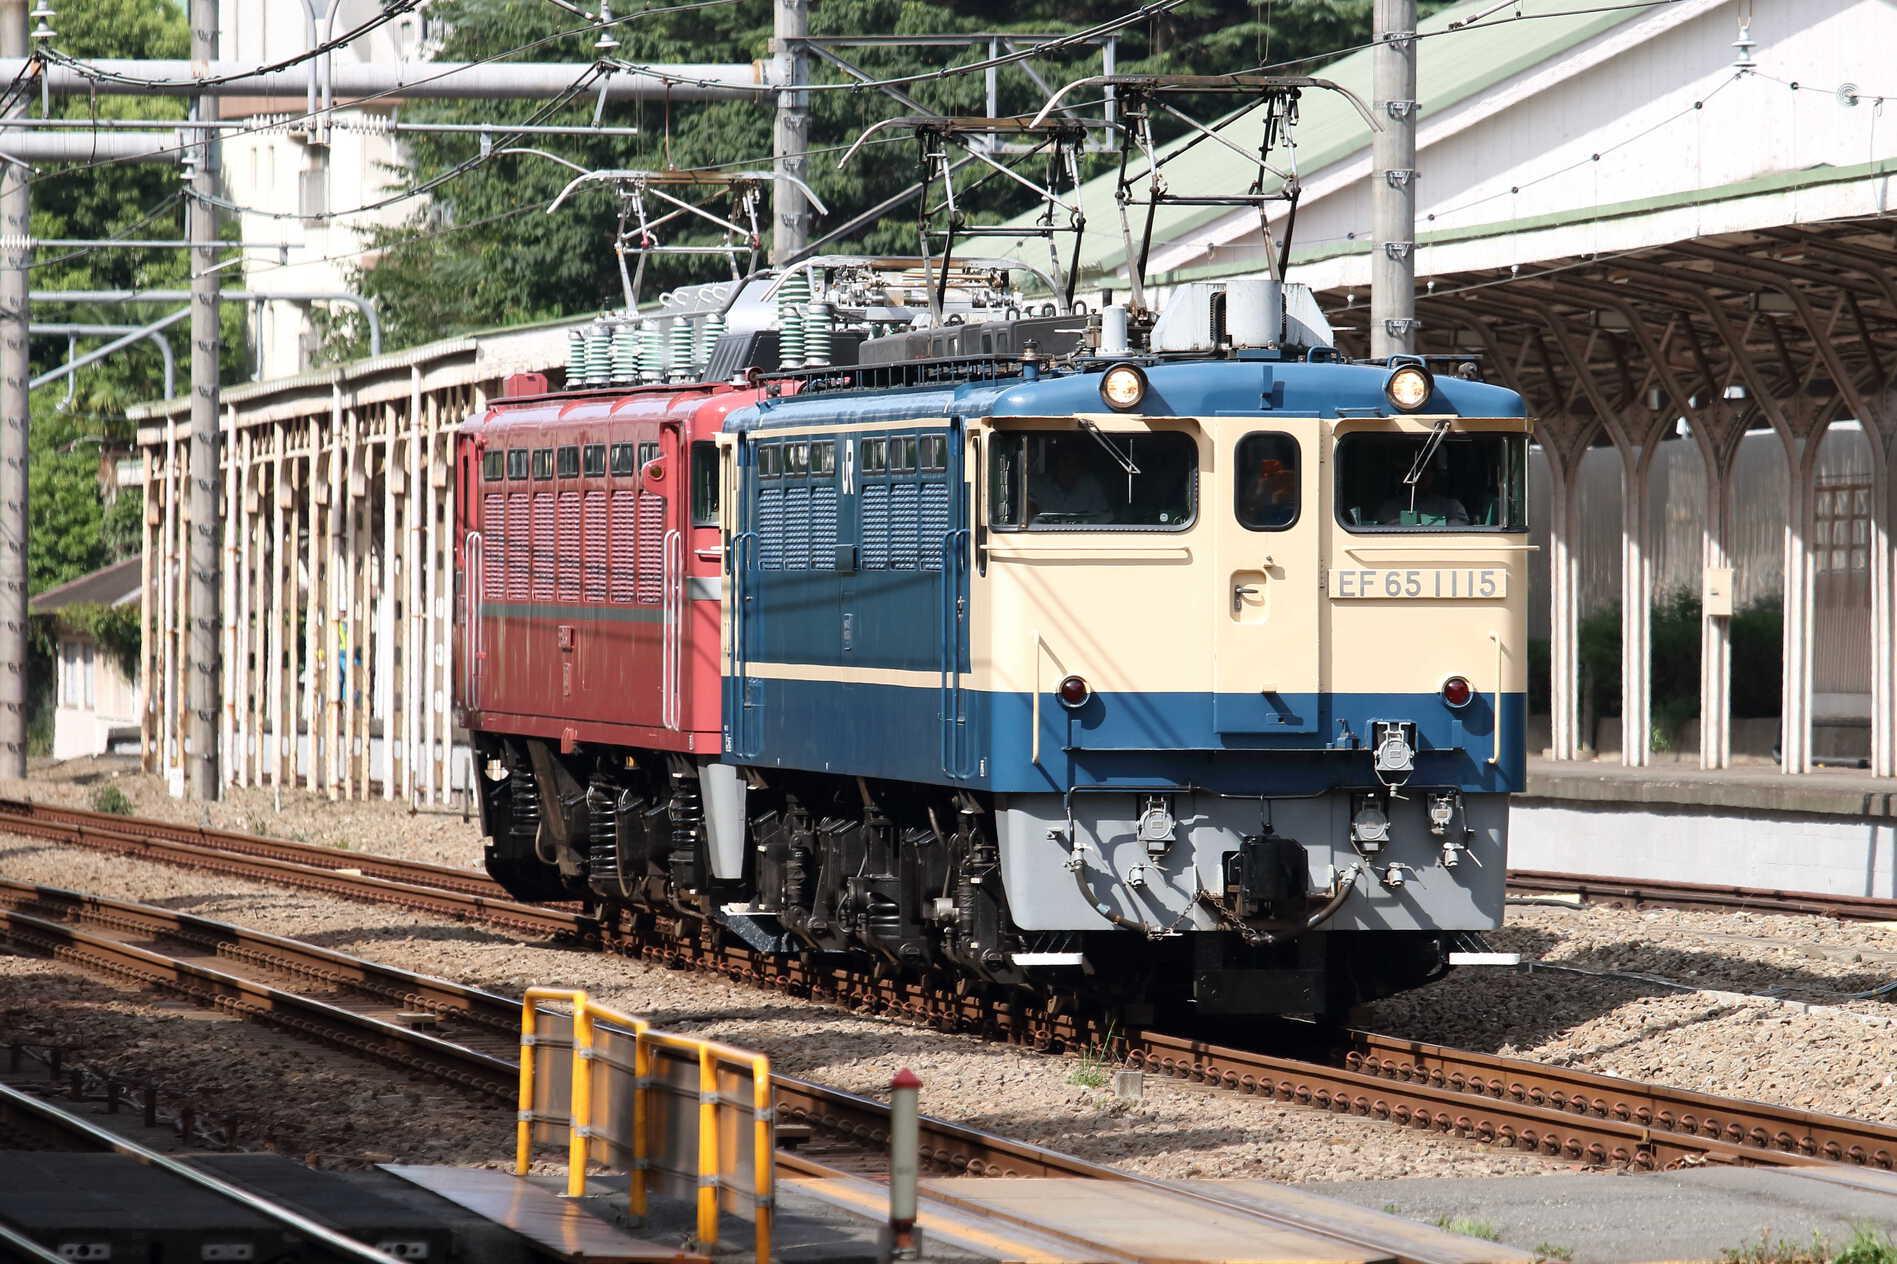 単9520列車 TK公開展示車両送り込み EF65-1115①[田]+EF81-81①[田]